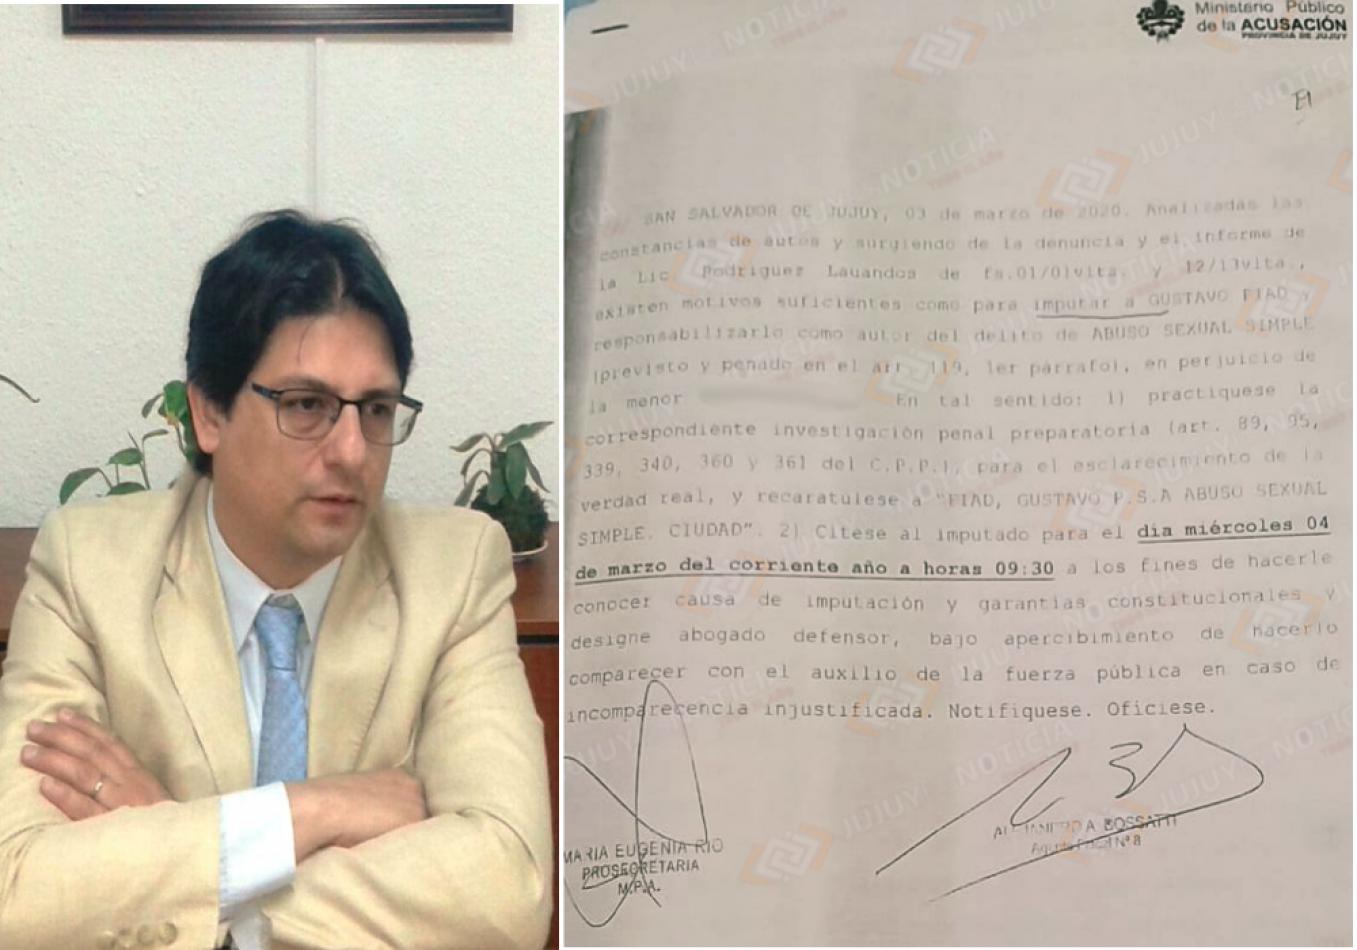 Foto: denuncia contra Gustavo Fiad por abuso sexual (Jujuy es Noticia)